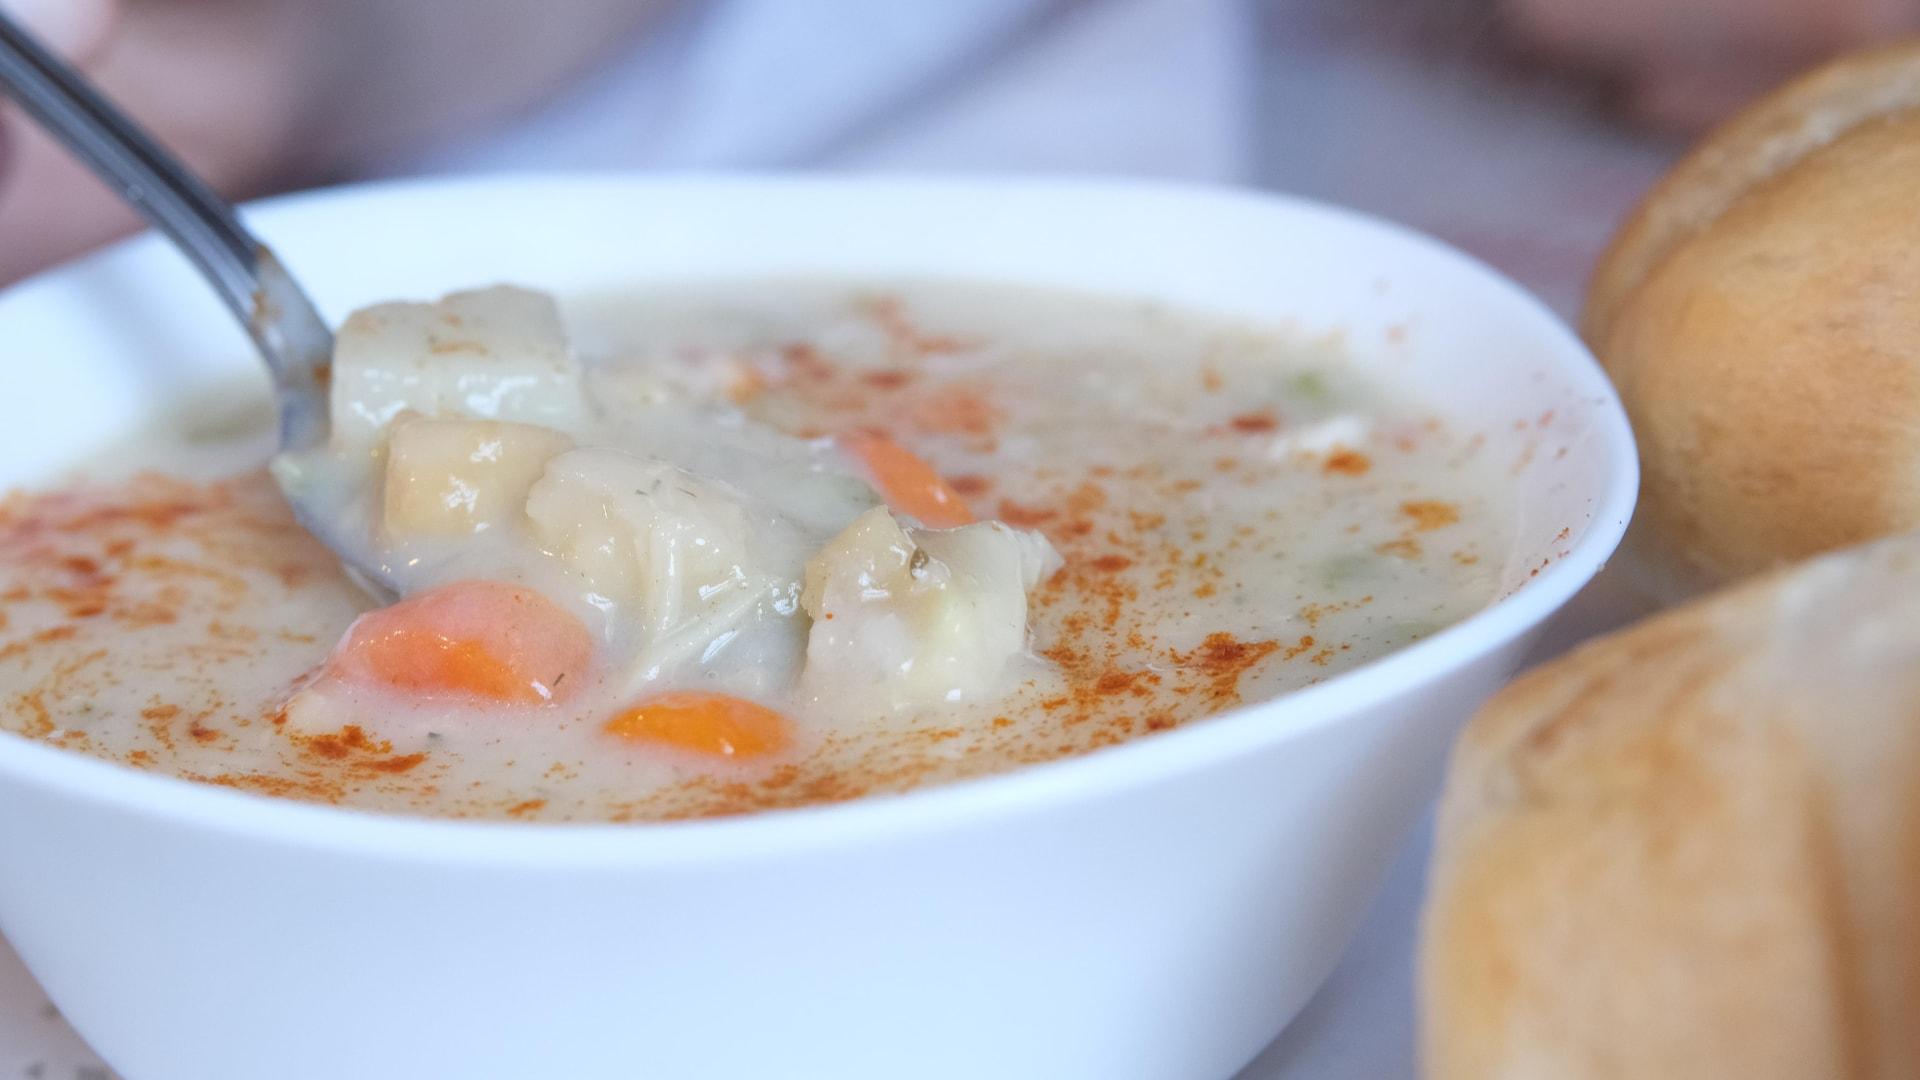 La chaudrée de fruits de mer saupoudrée de paprika de Sandeannie's Bakery & Tea Room à Port Hood en Nouvelle-Écosse.